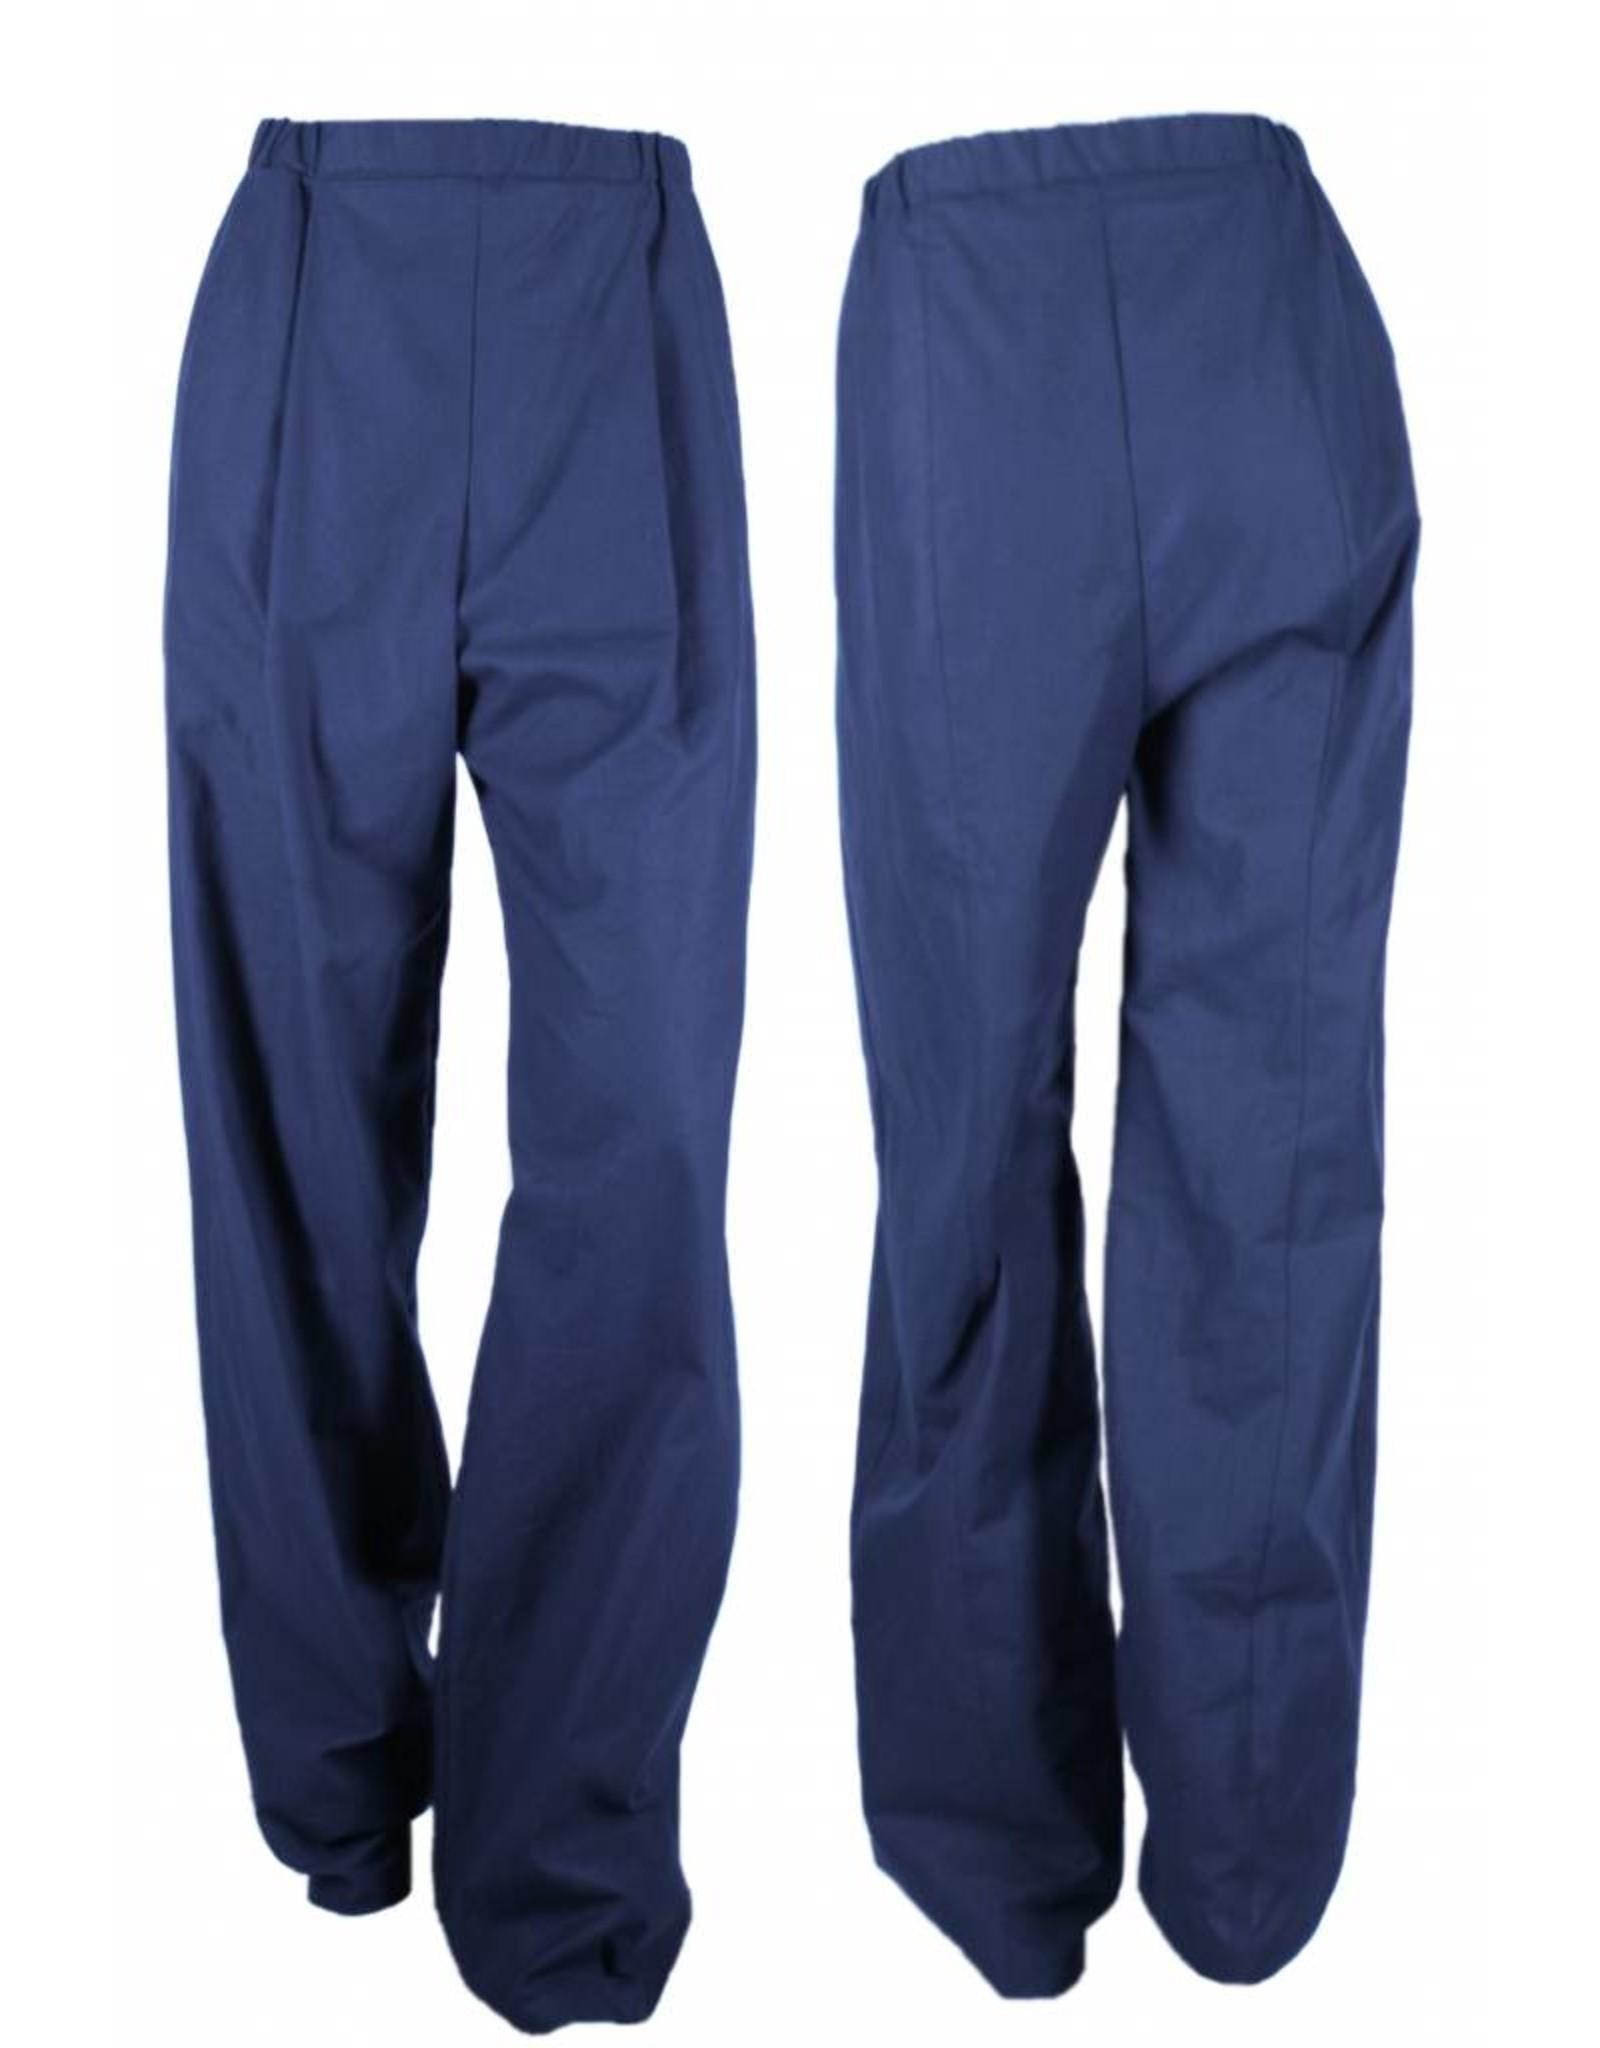 format CASE pants, plain